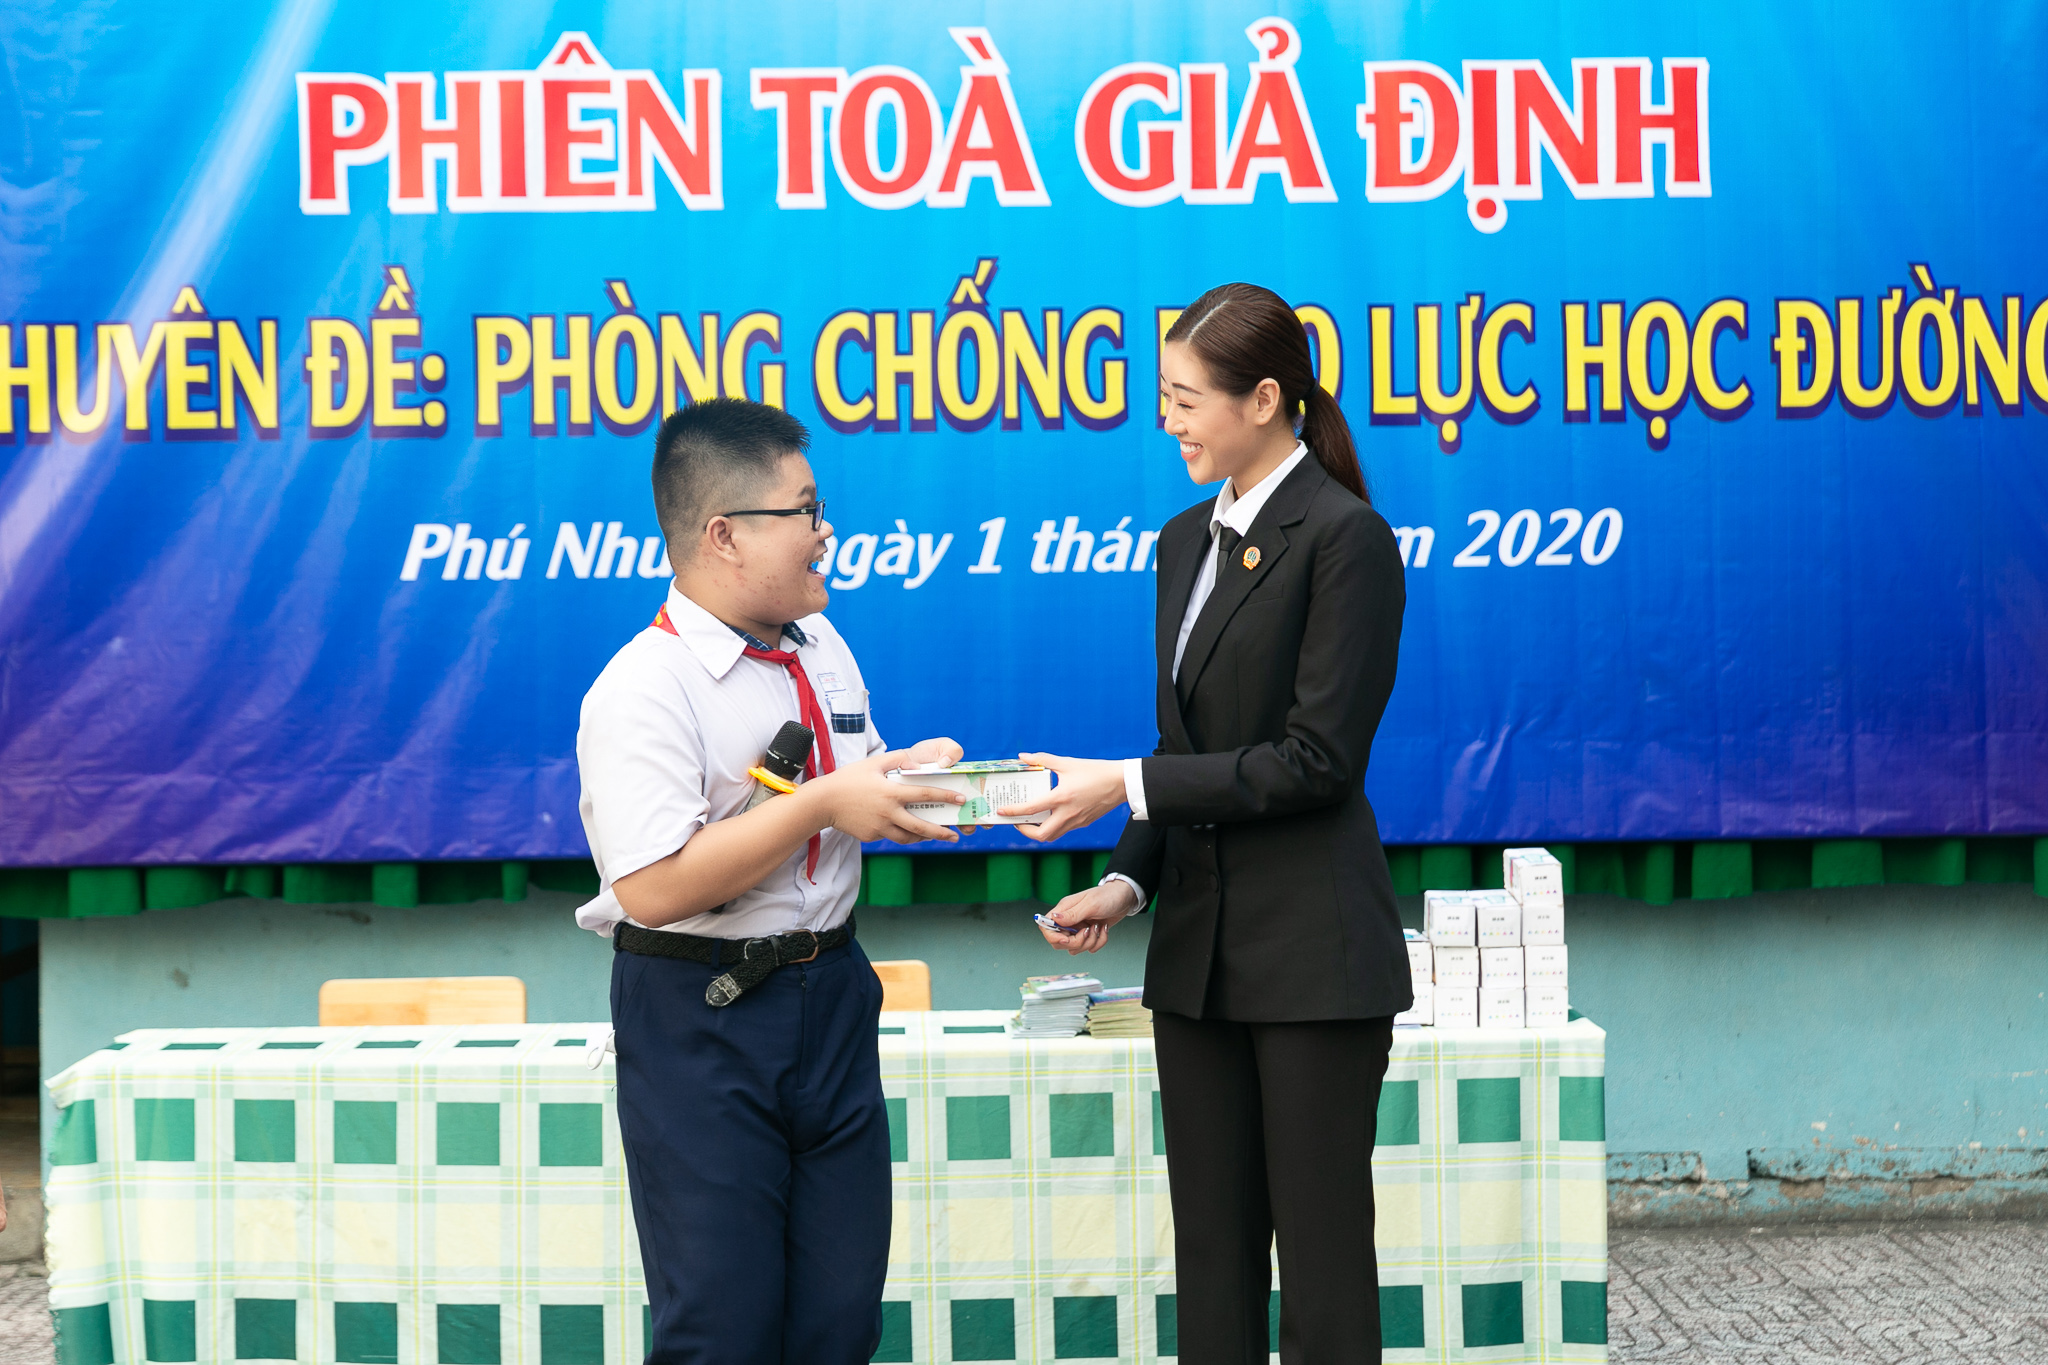 Hoa Hau Khanh Van_Phien toa gia dinh (49)